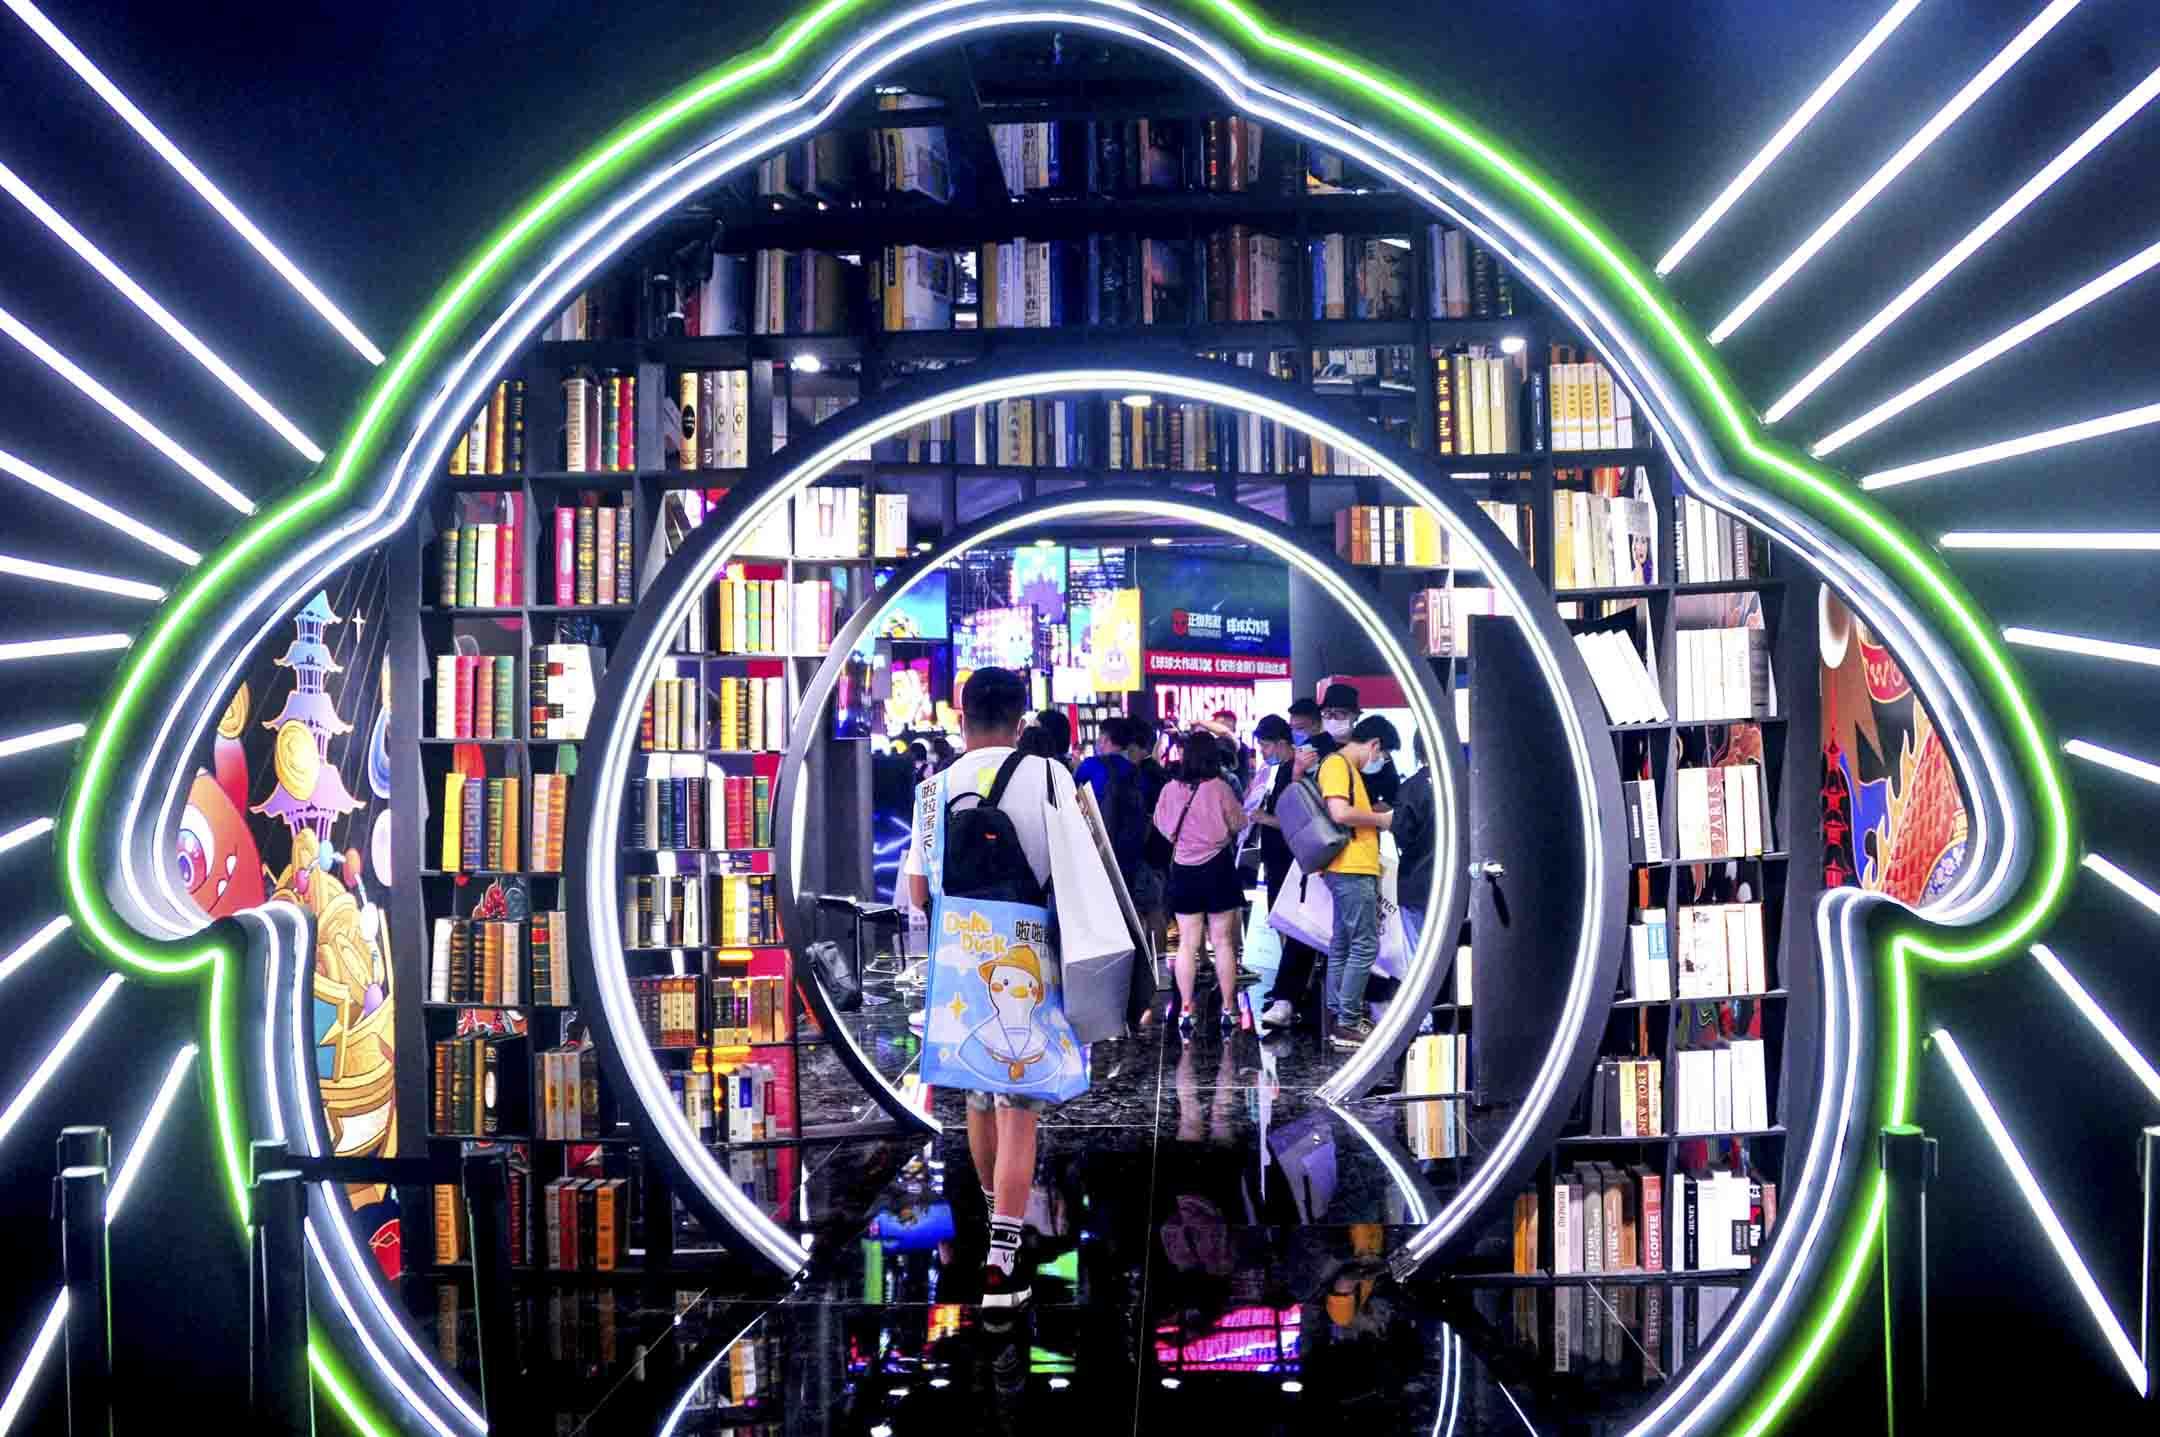 2020年7月31日,中國數字娛樂展覽在上海舉行,市民在內參觀。 攝:Yang Jianzheng/VCG via Getty Images